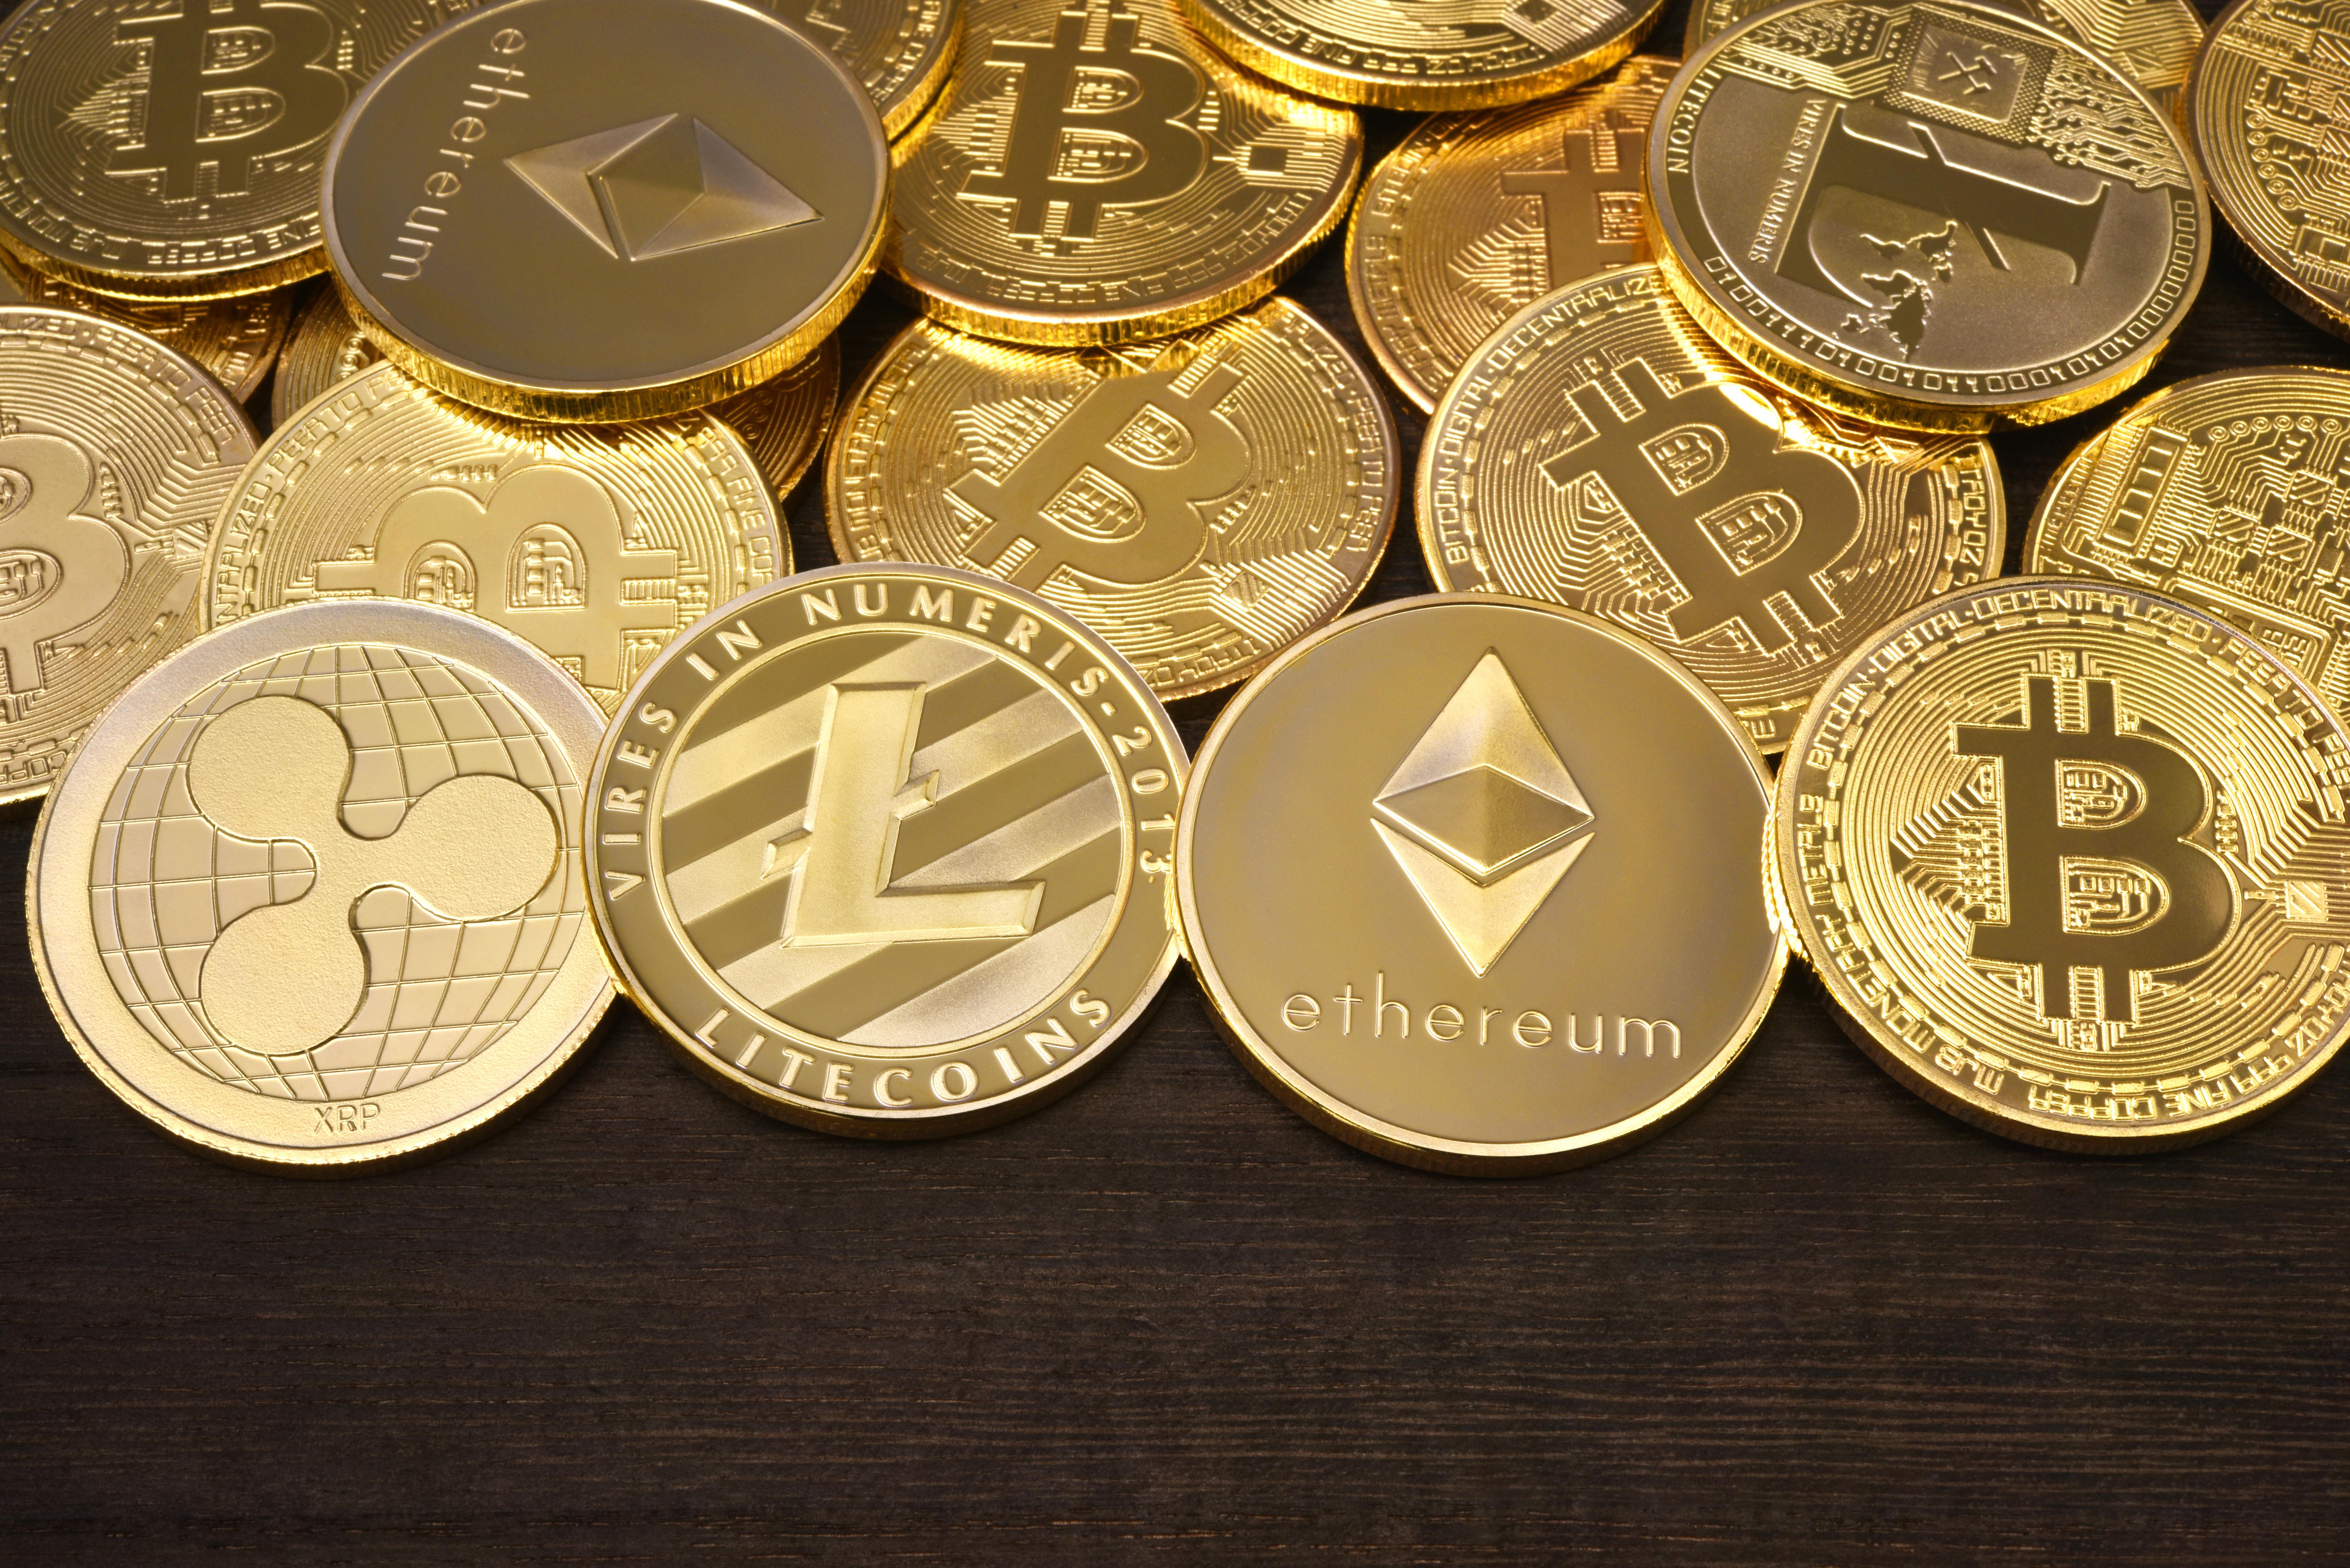 仮想通貨の出来高とは?具体的な見方と価格予測の方法を徹底解説